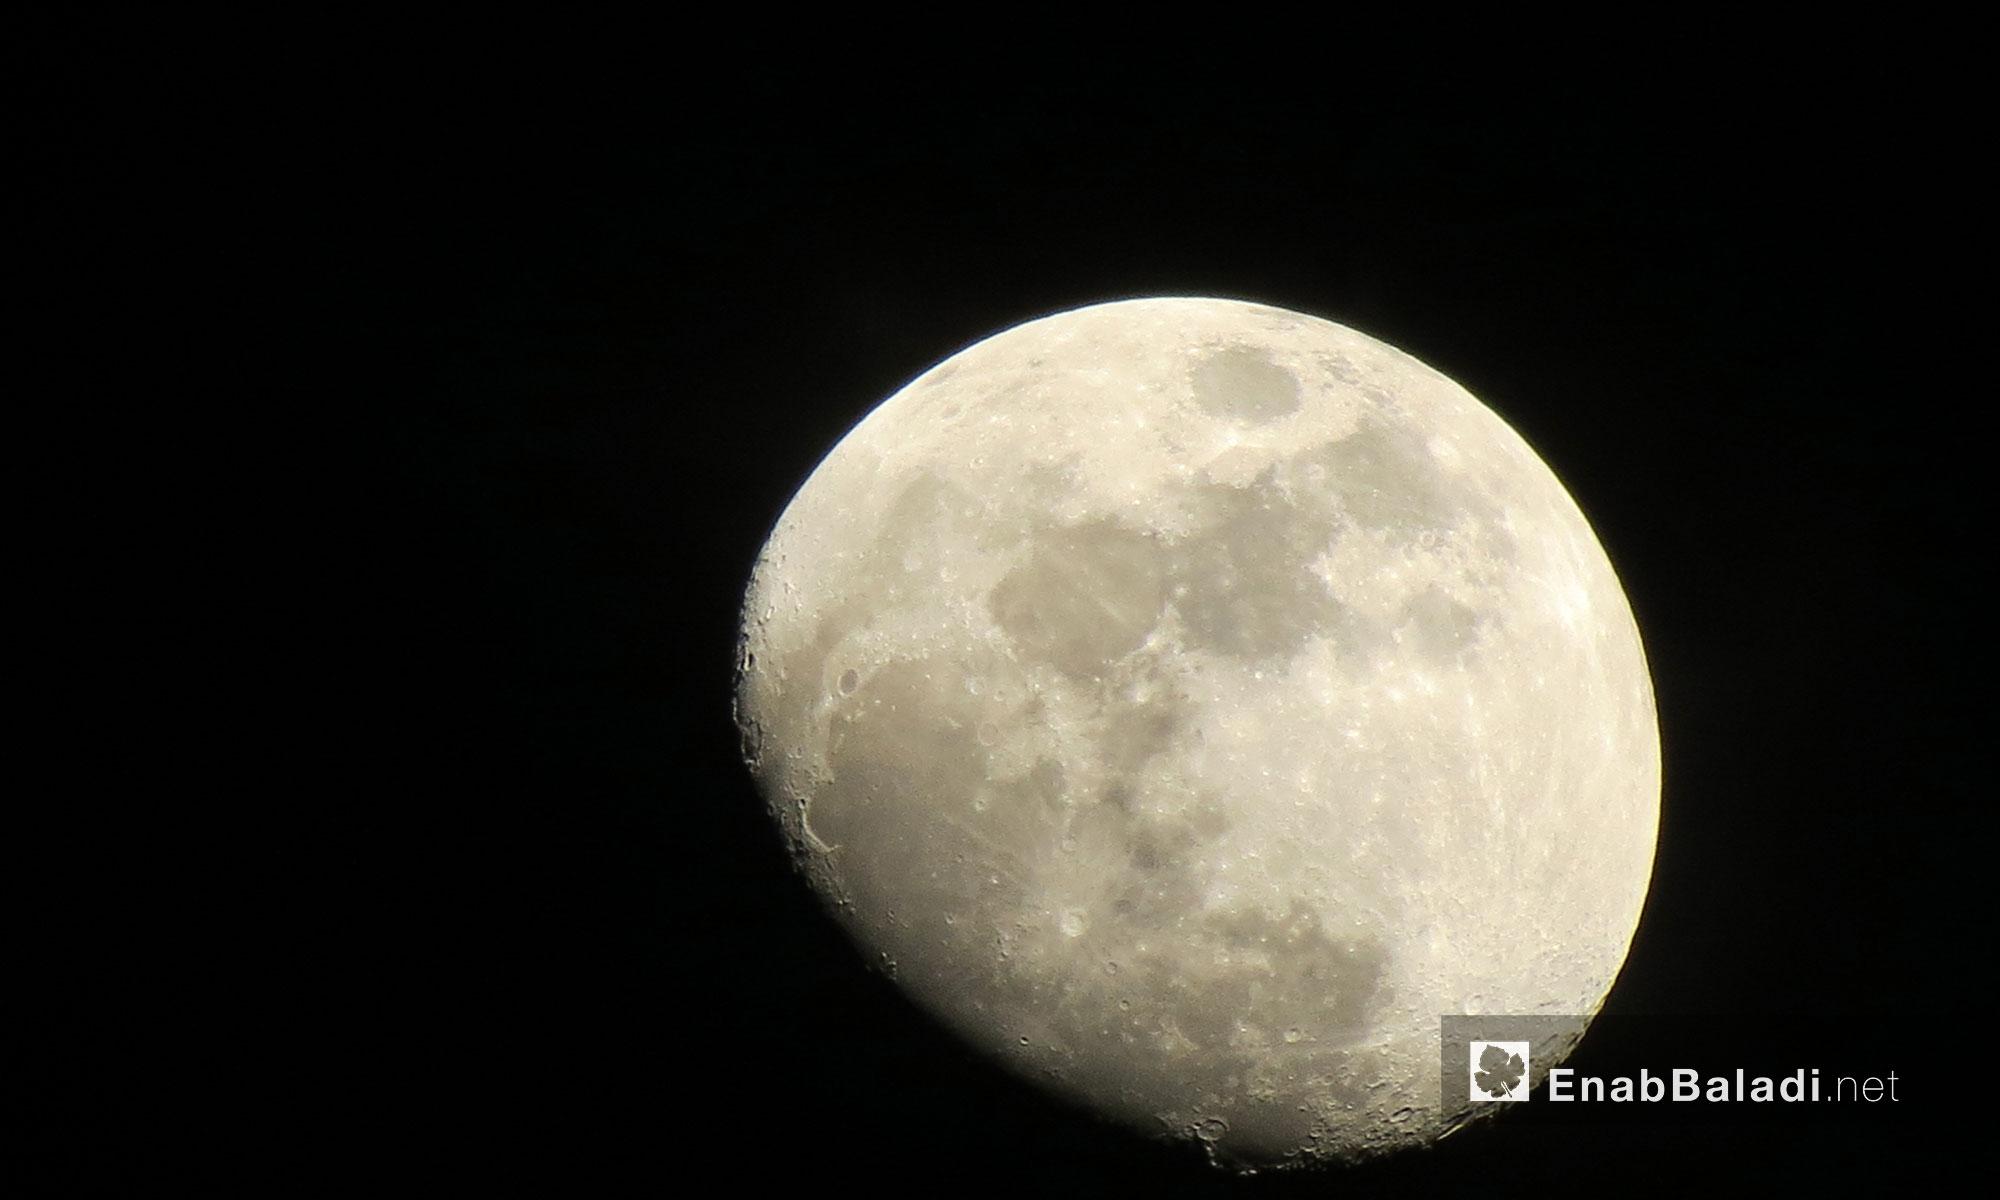 القمر في الليلة العاشرة من جمادى الأولى في سماء حلب - 7 شباط 2017